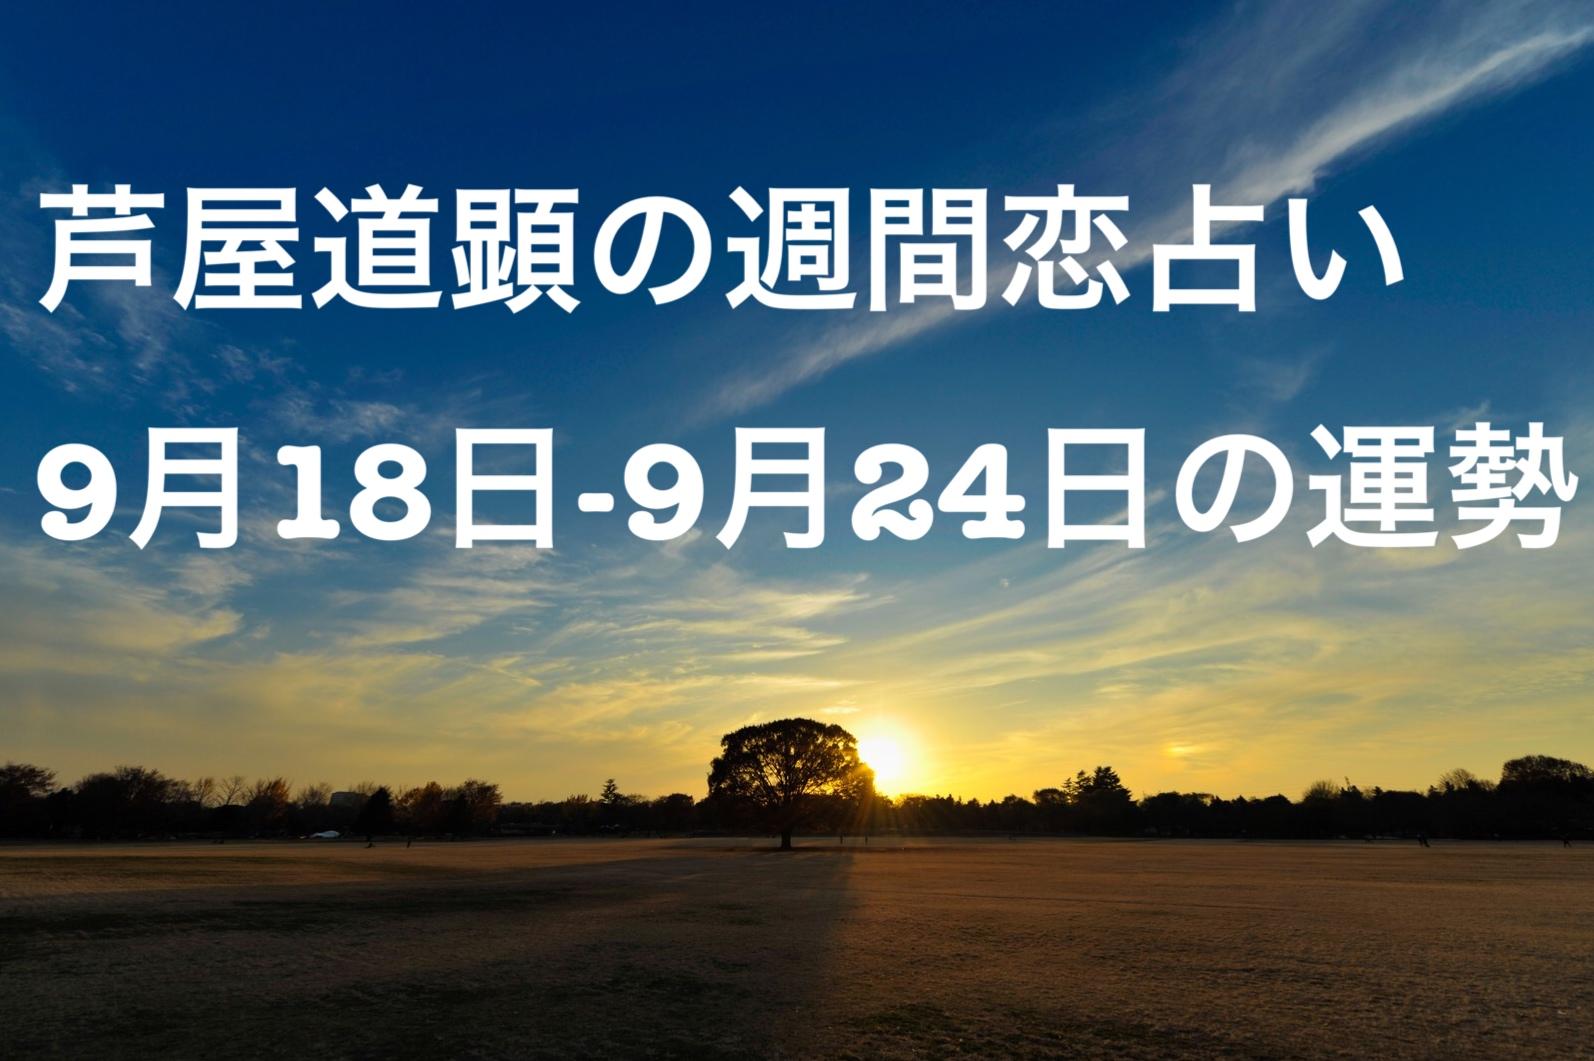 9月25日-10月1日の恋愛運も公開済です【今週の恋愛運】9月18日-9月24日恋愛運【芦屋道顕の音魂占い】